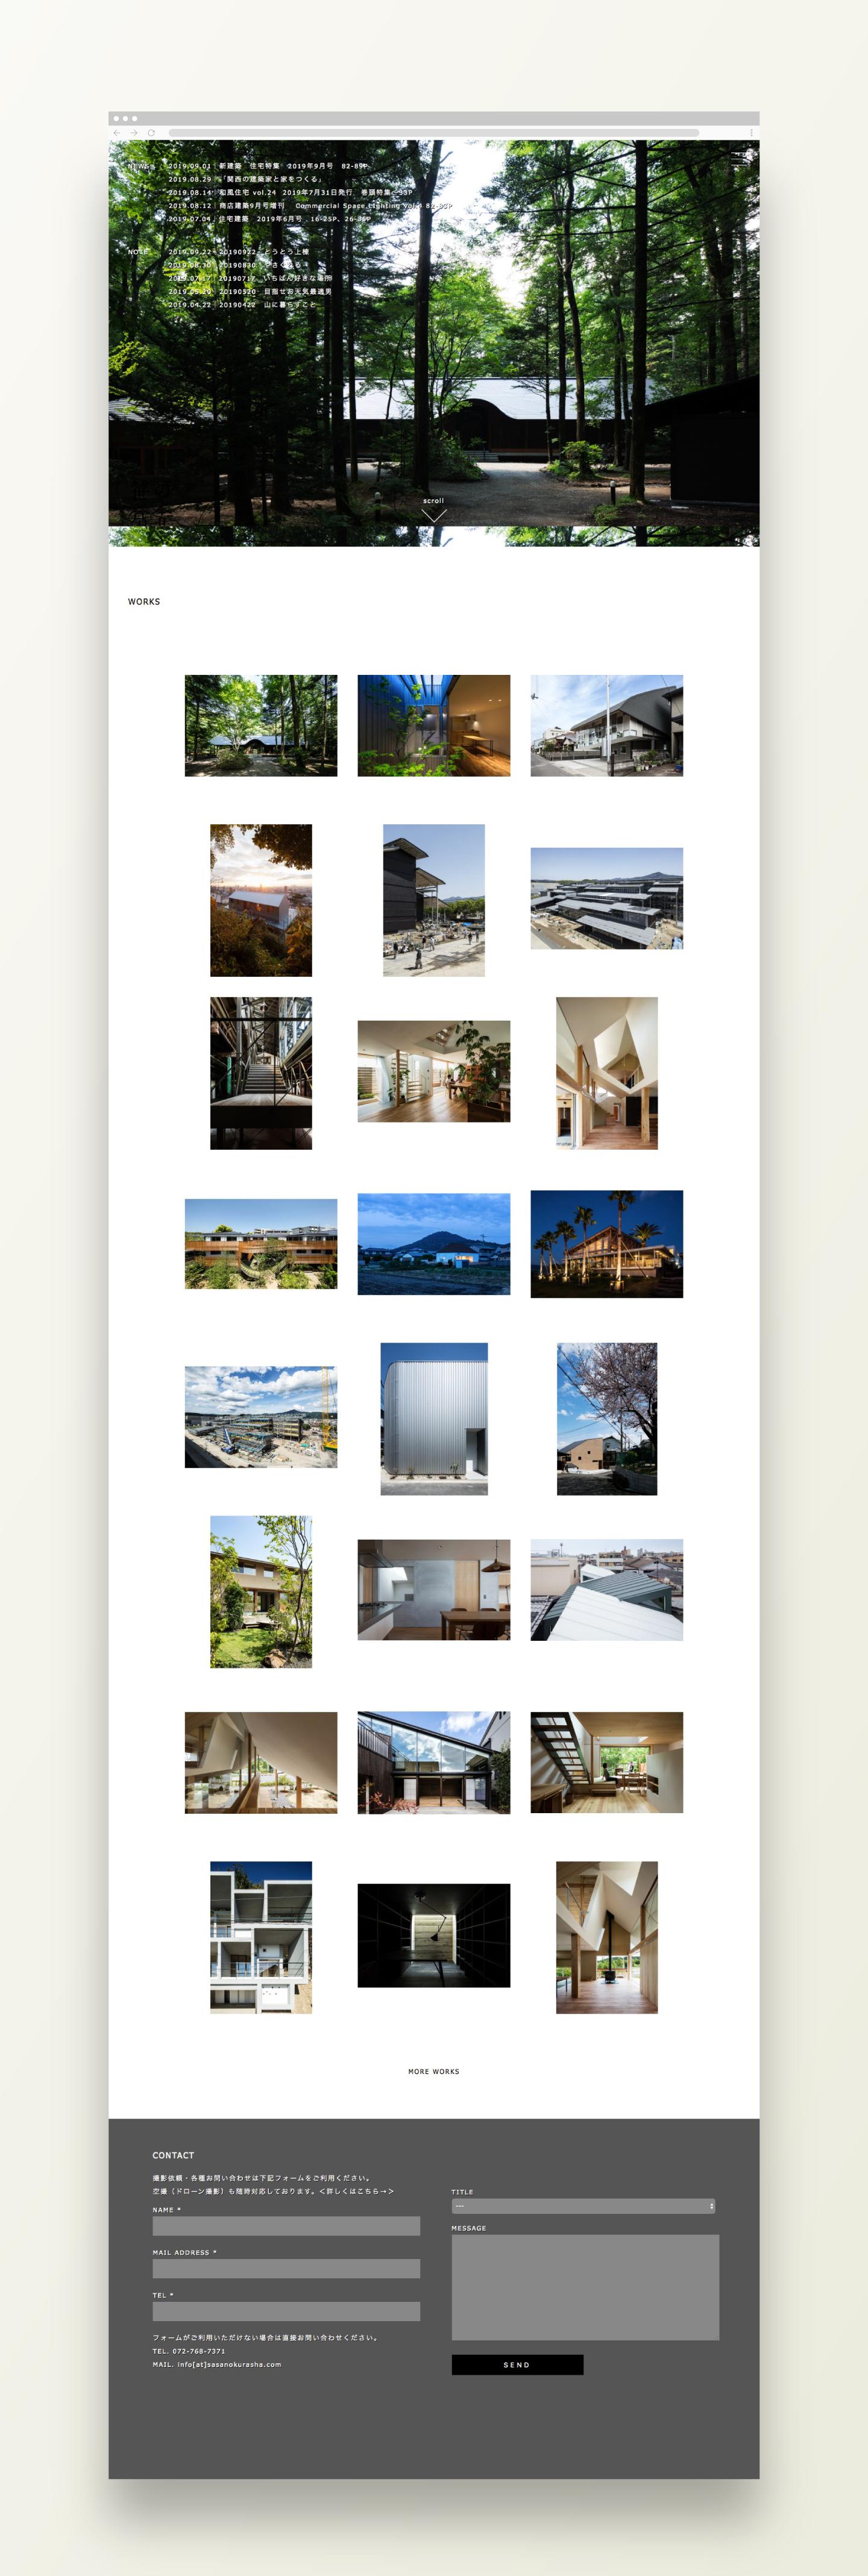 笹の倉舎|Web Design